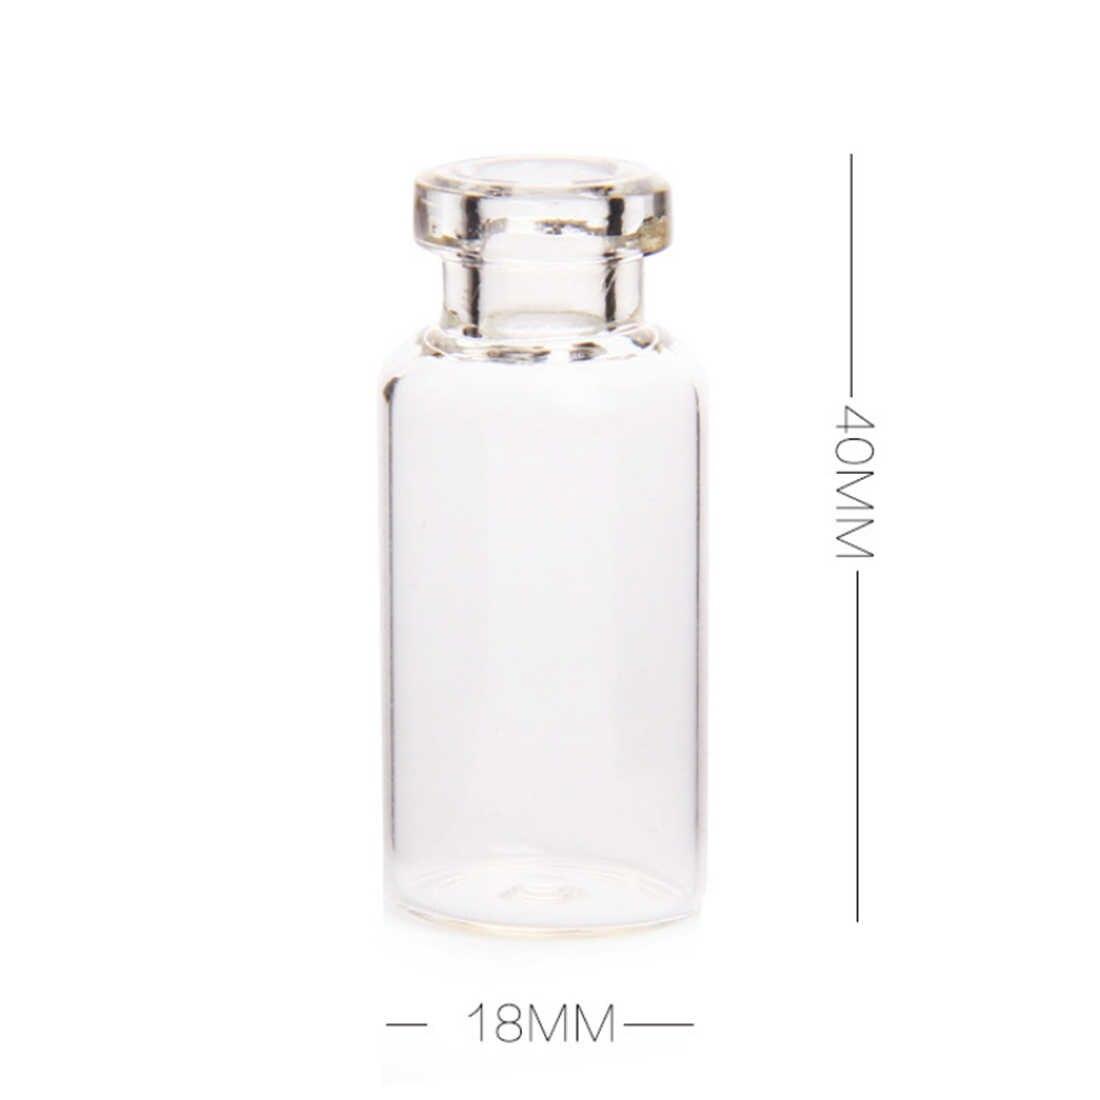 50 Uds 18X40mm 5 mini vaso de ml frascos de muestra vacíos con tapones de corcho para decoración artesanal DIY-transparente